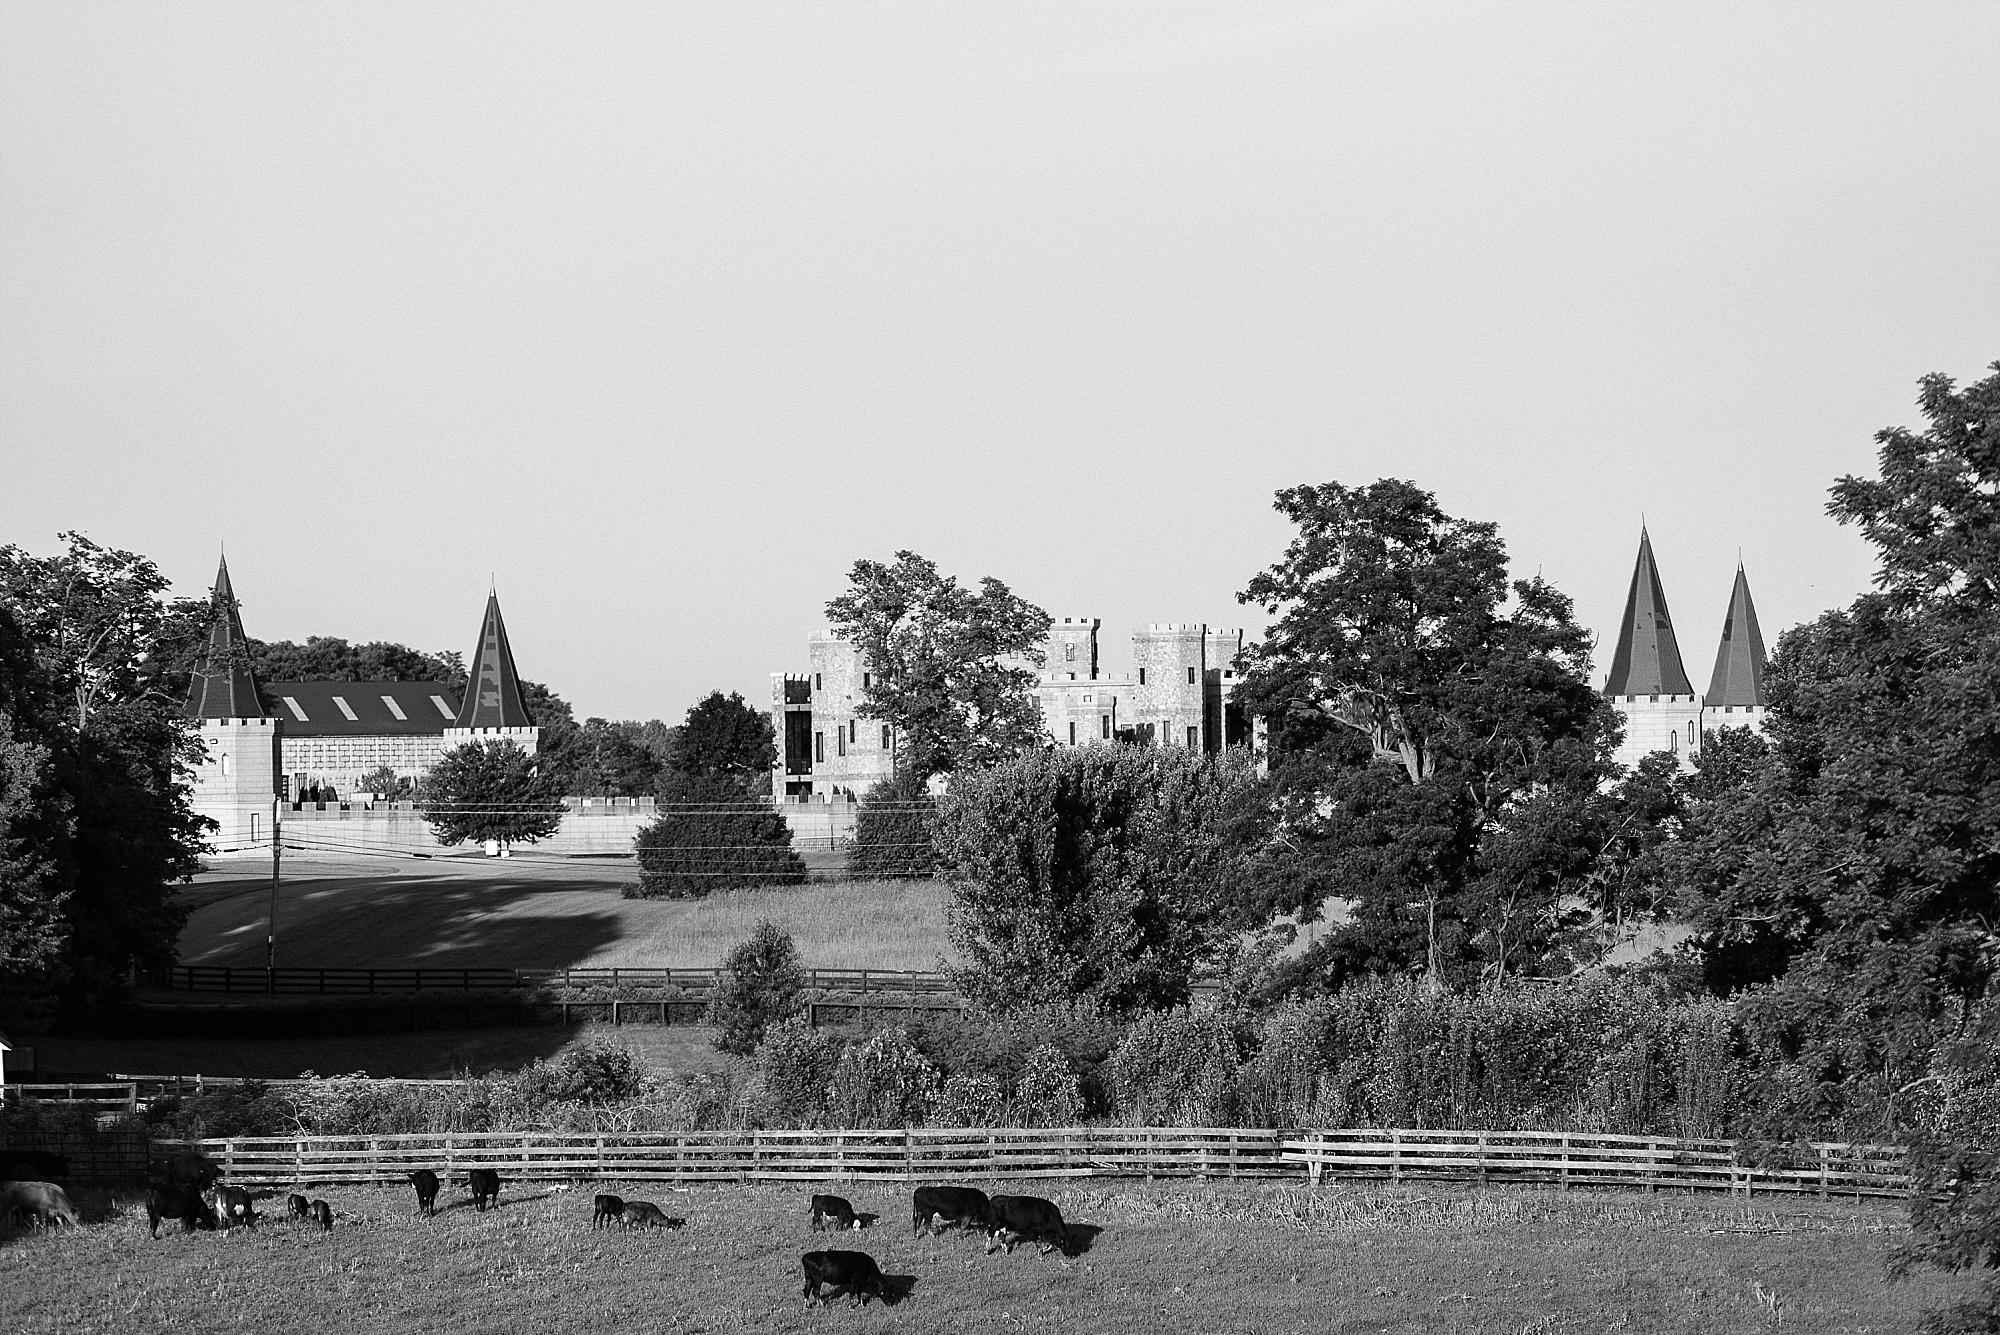 castle-post-versailles-ky-photographer